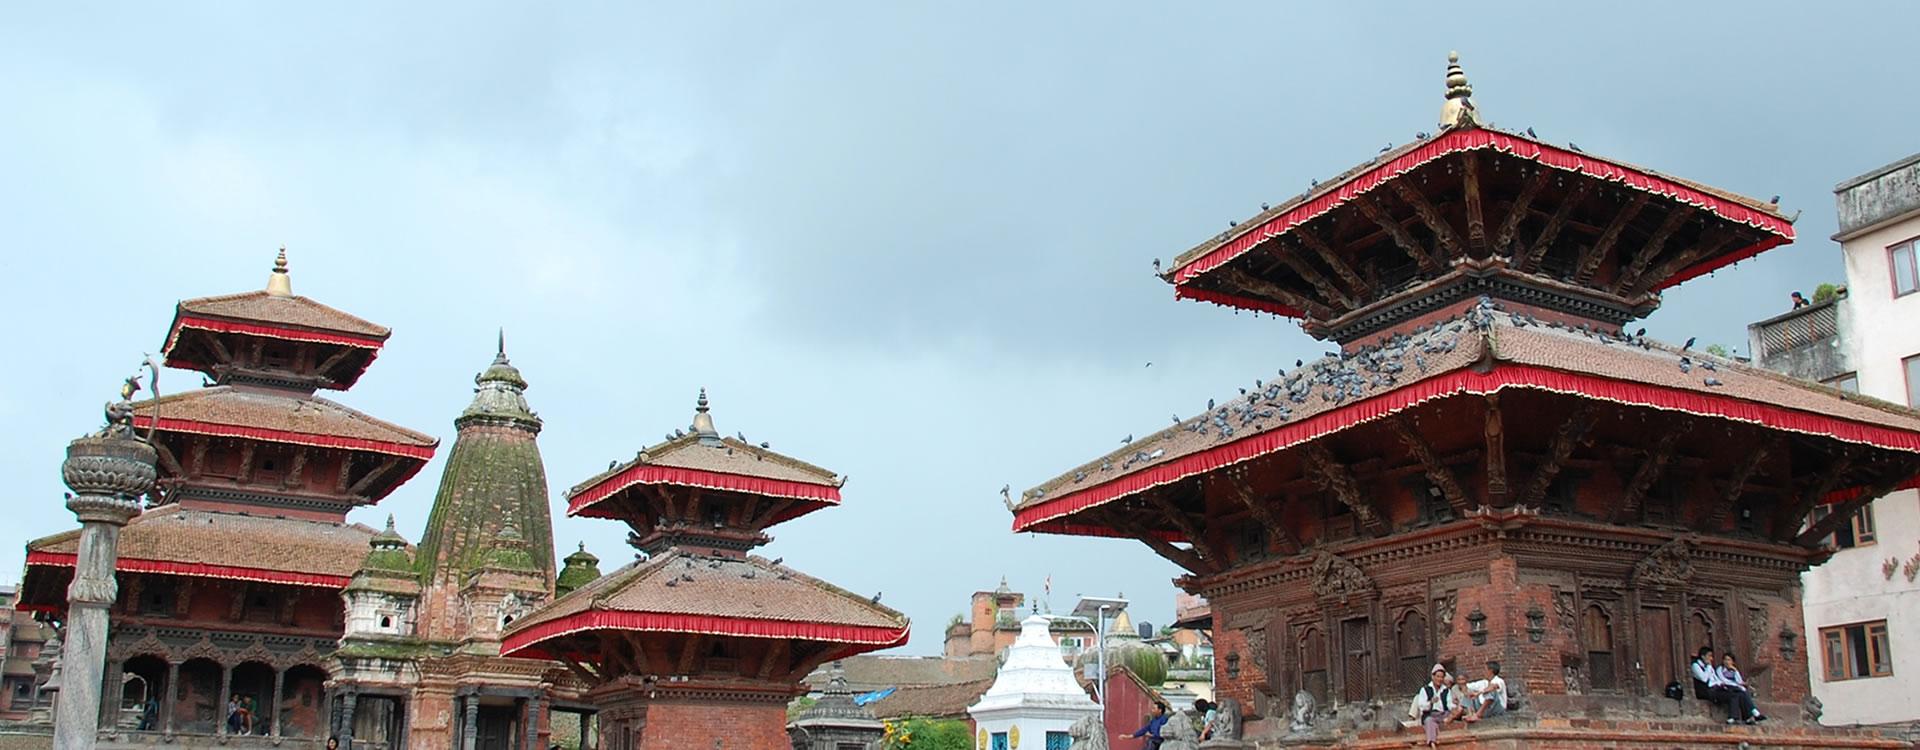 nepal-tours